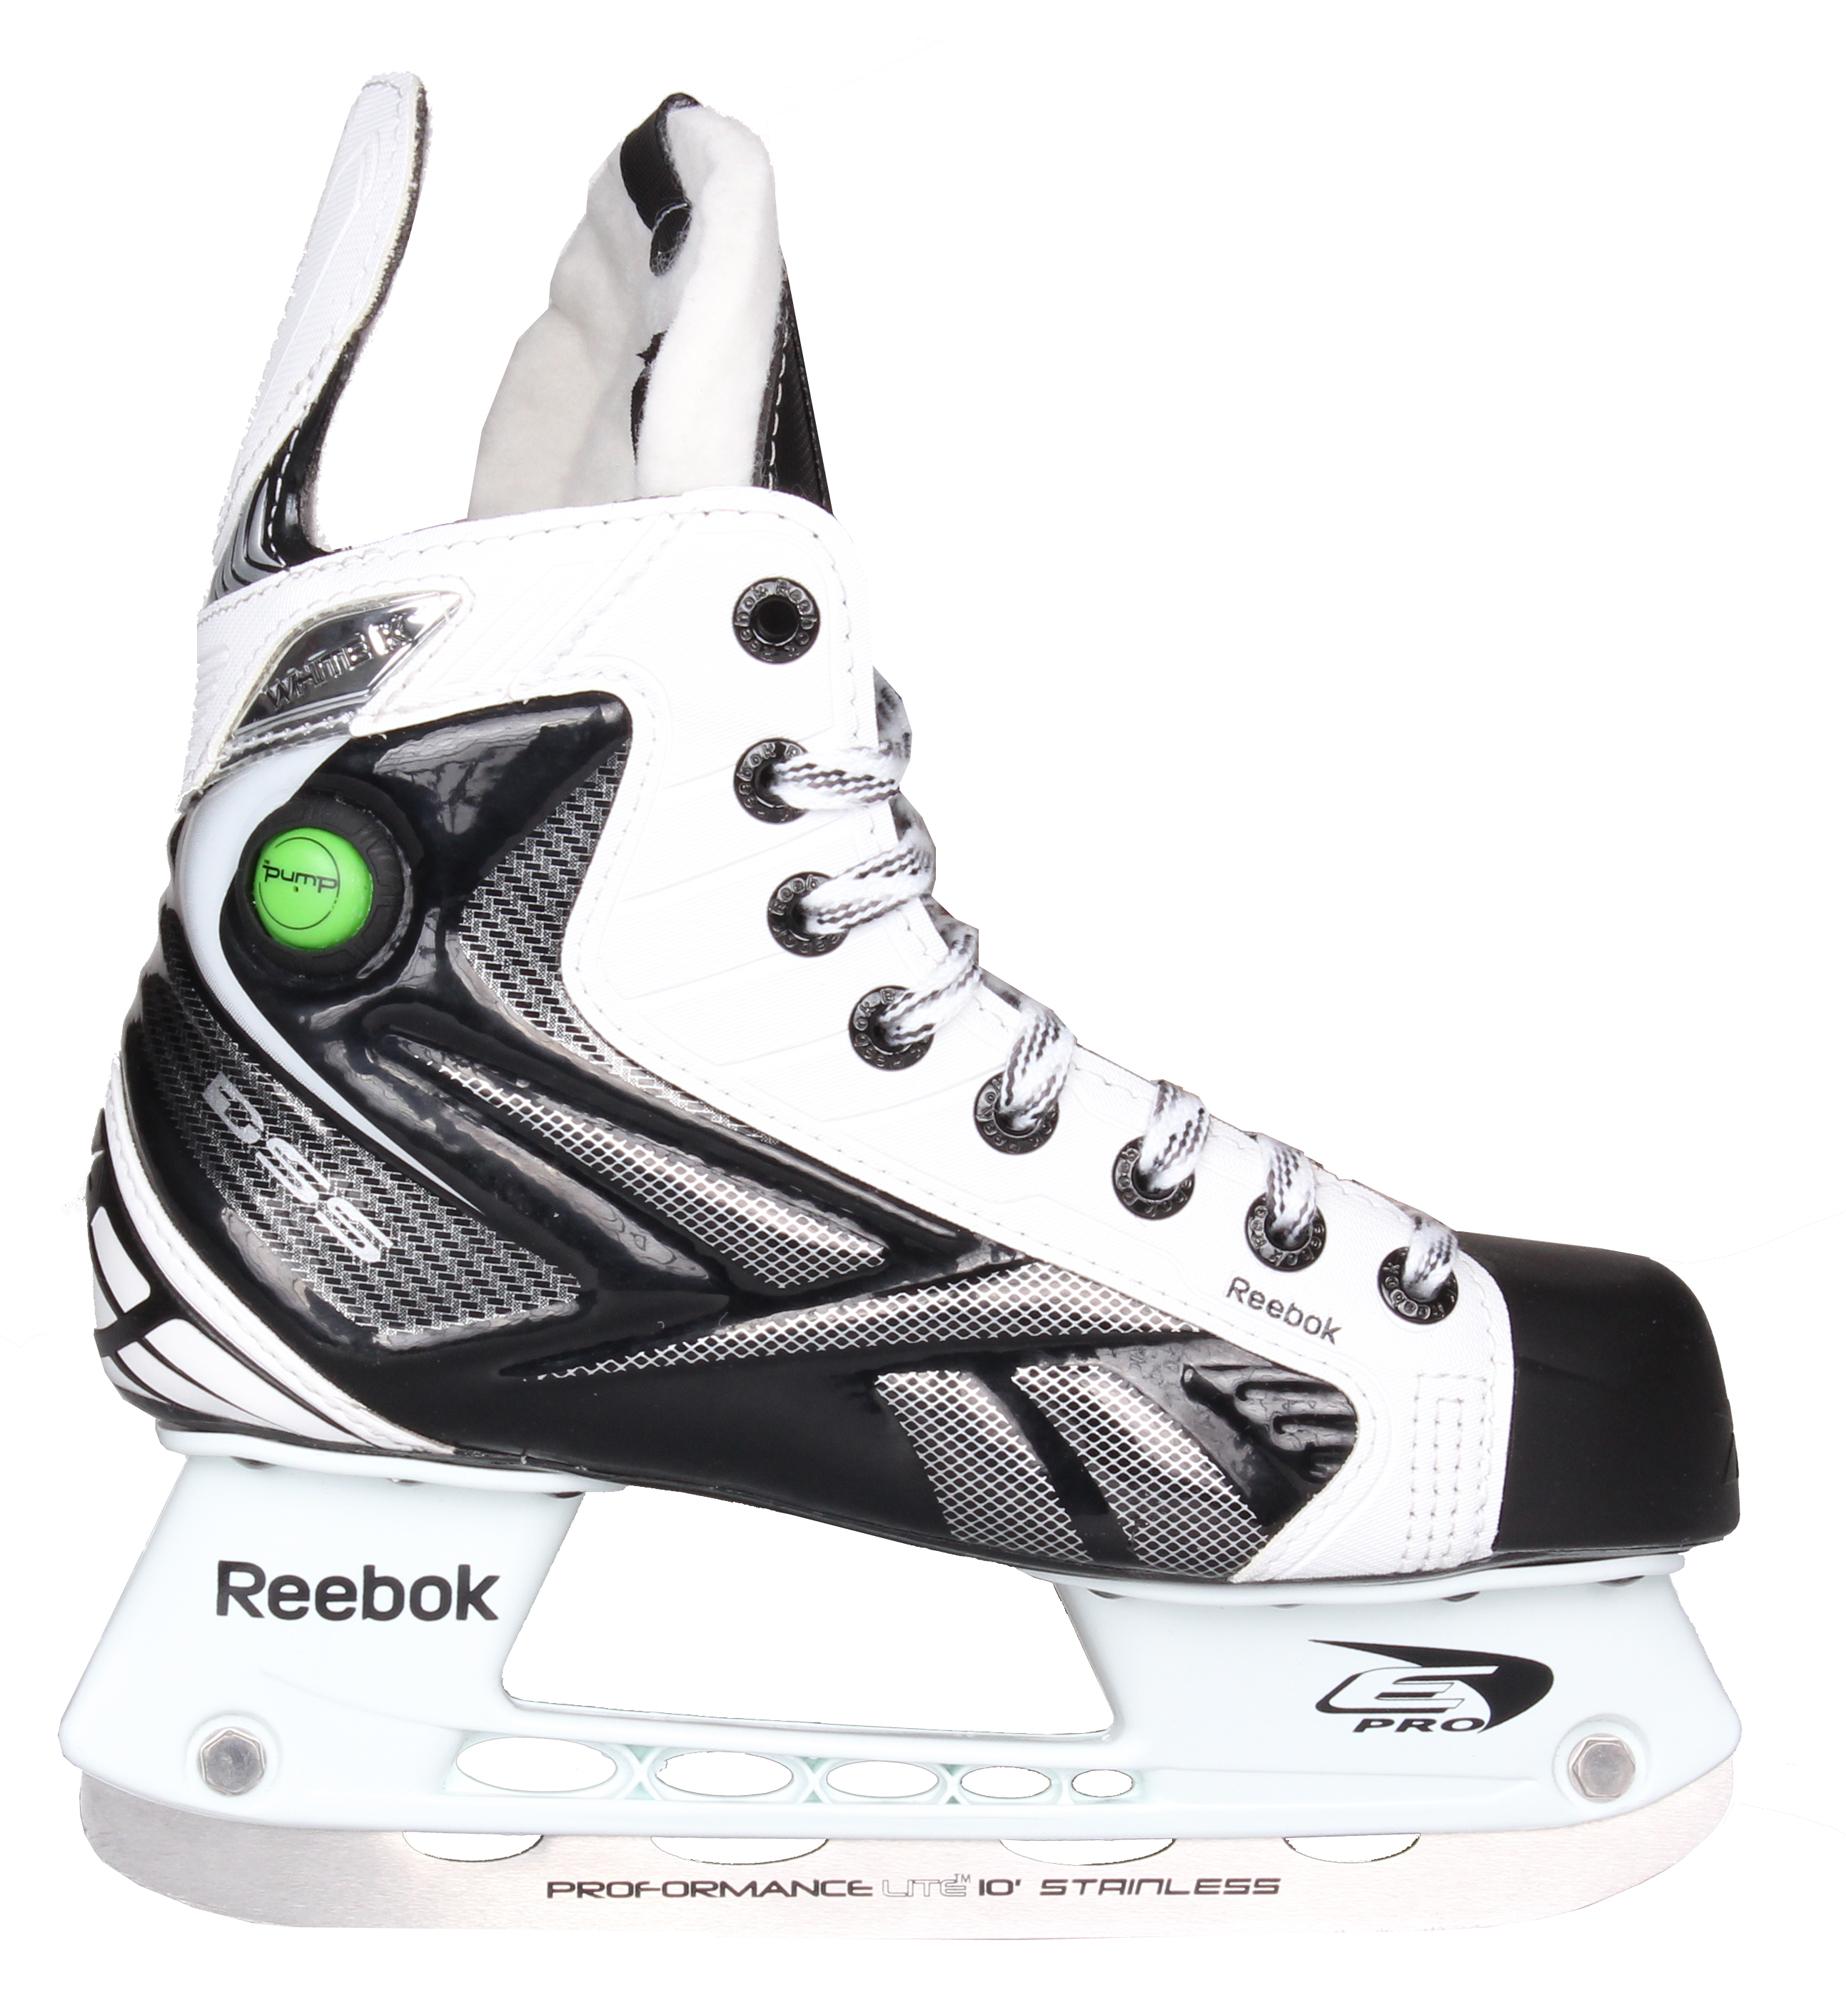 REEBOK White K Pump, JR hokejové brusle, šíře D